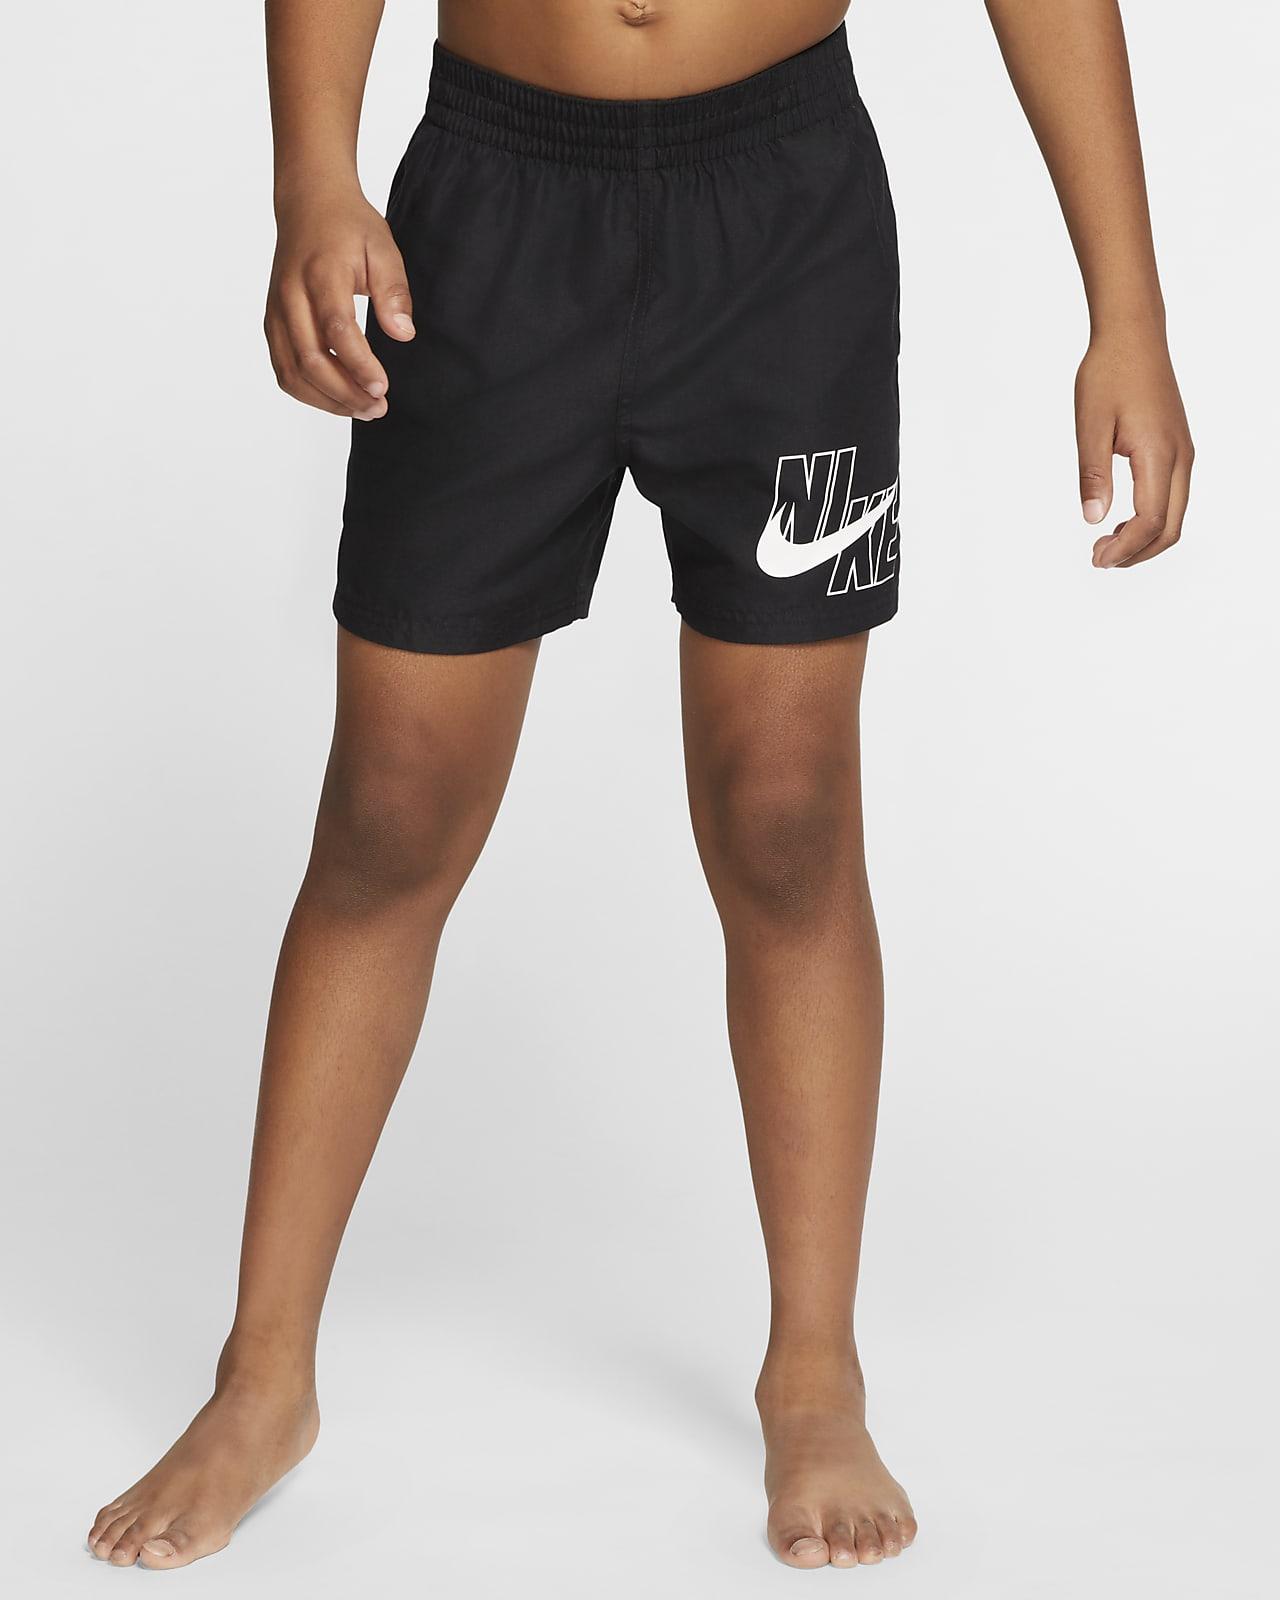 Nike Lap 4 Schwimm-Shorts für ältere Kinder (Jungen)